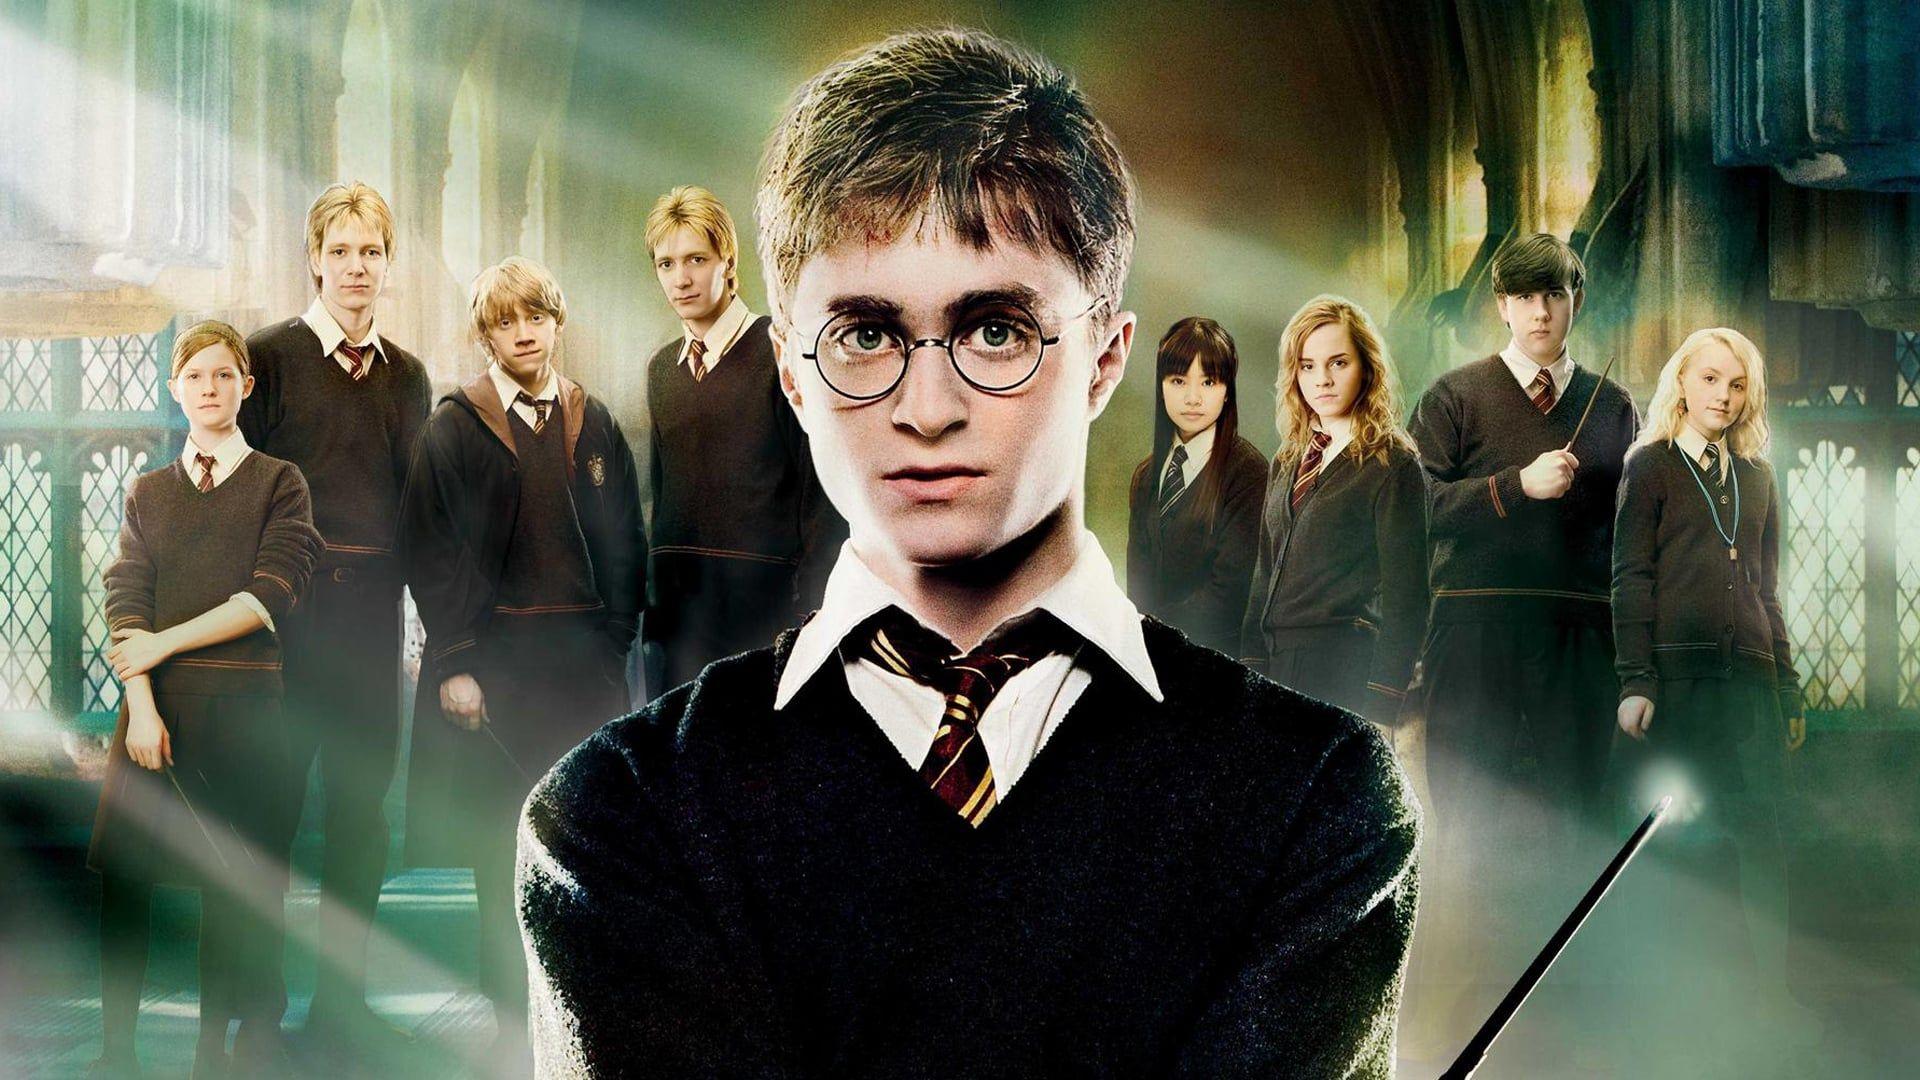 Harry Potter E L Ordine Della Fenice 2007 Streaming Ita Cb01 Film Completo Italiano Altadefinizione Vo Harry Potter Characters Harry Potter Custom Harry Potter